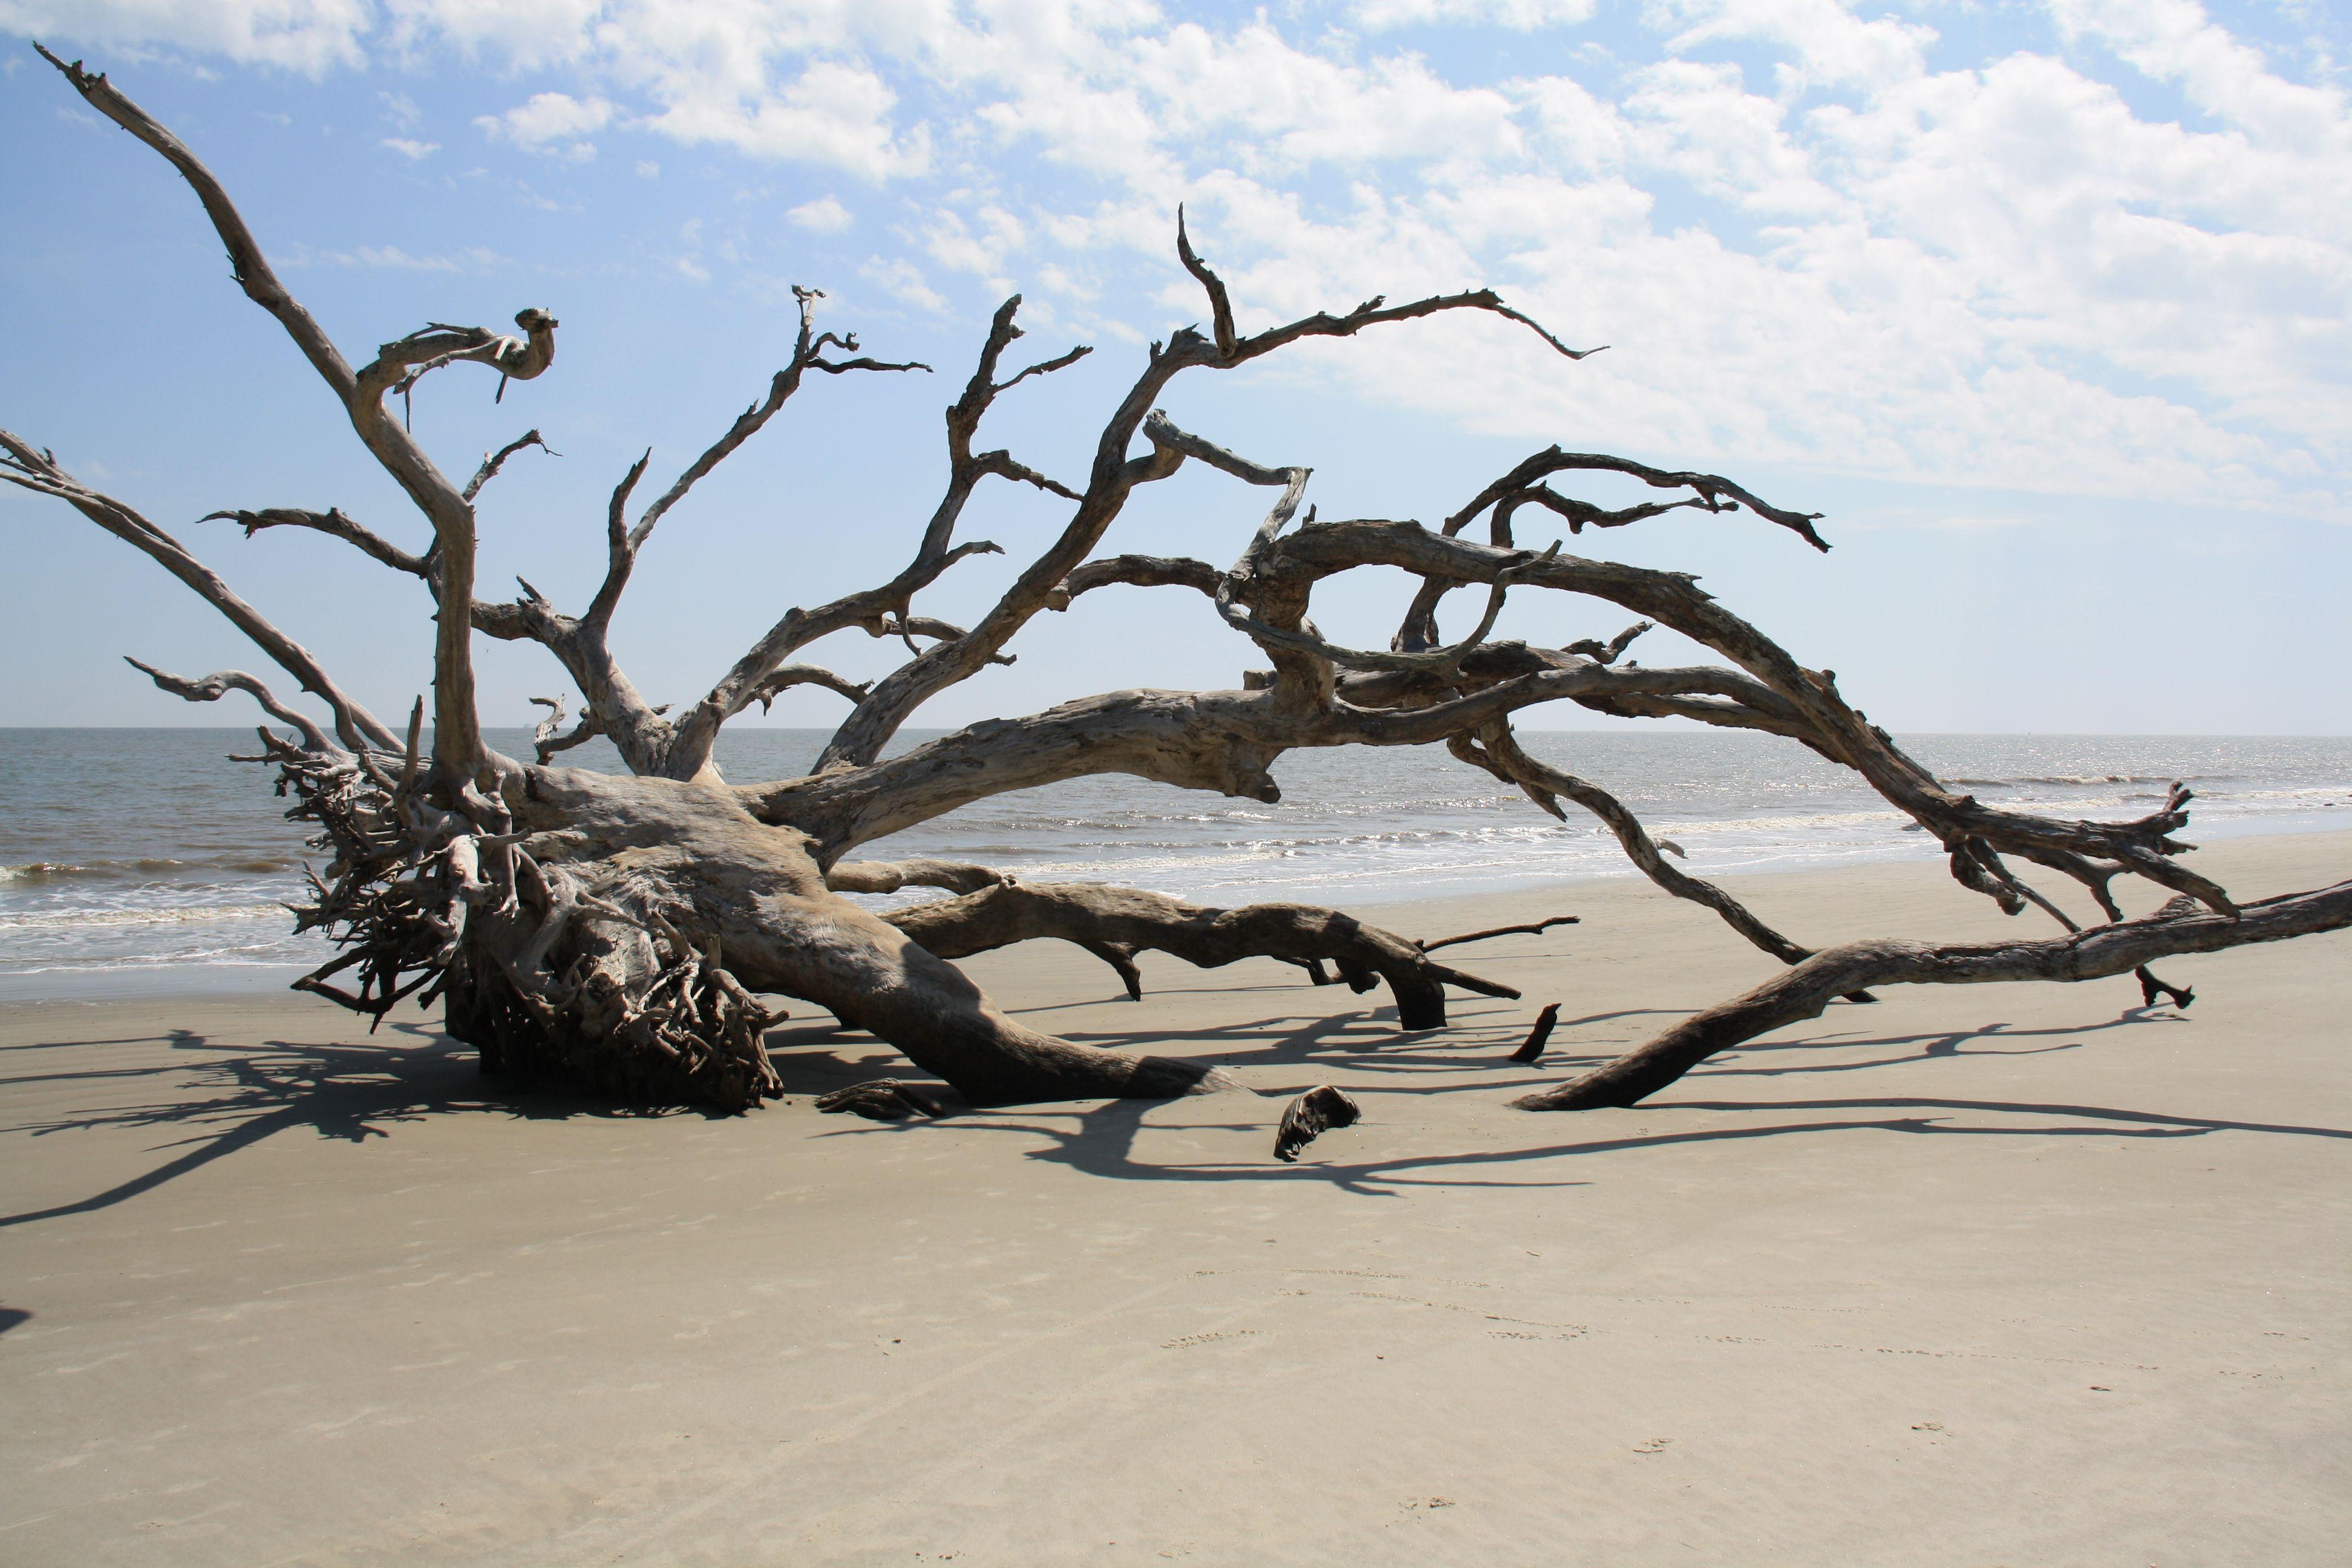 Driftwood beach scene photo